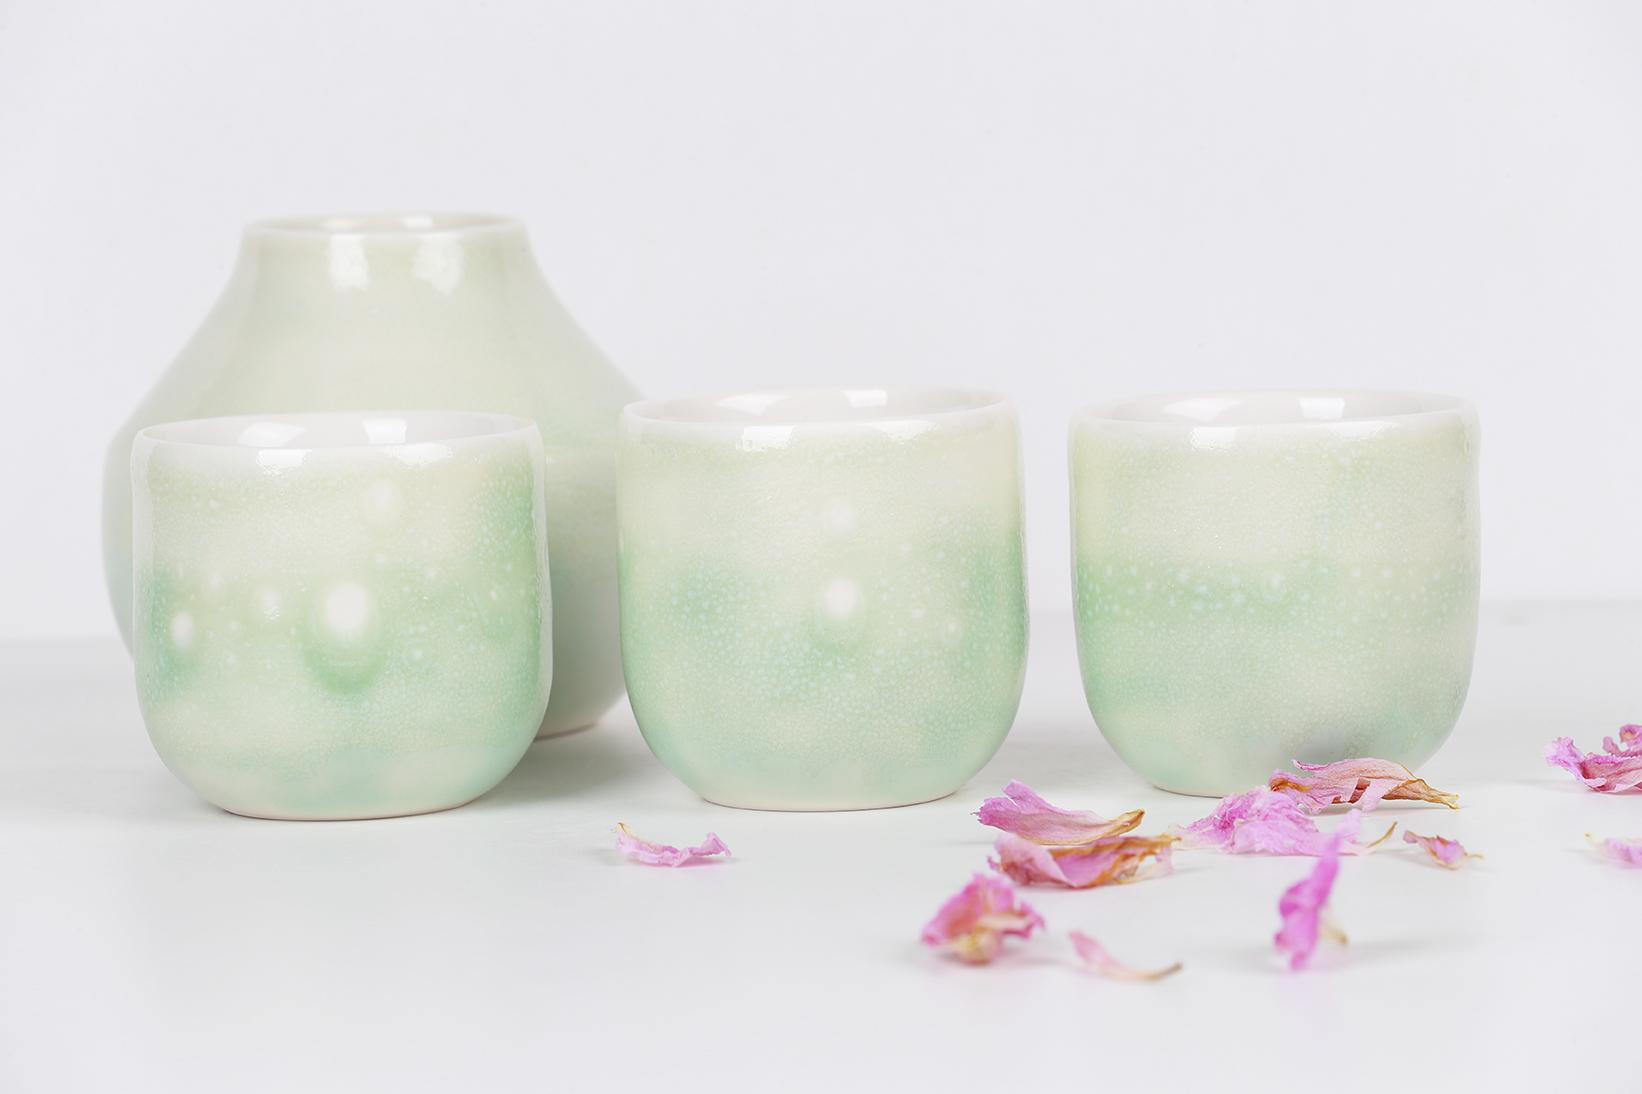 Composition de la collection LACTÉE - soliflore, trois tasses - Émail vert et pétales de fleurs